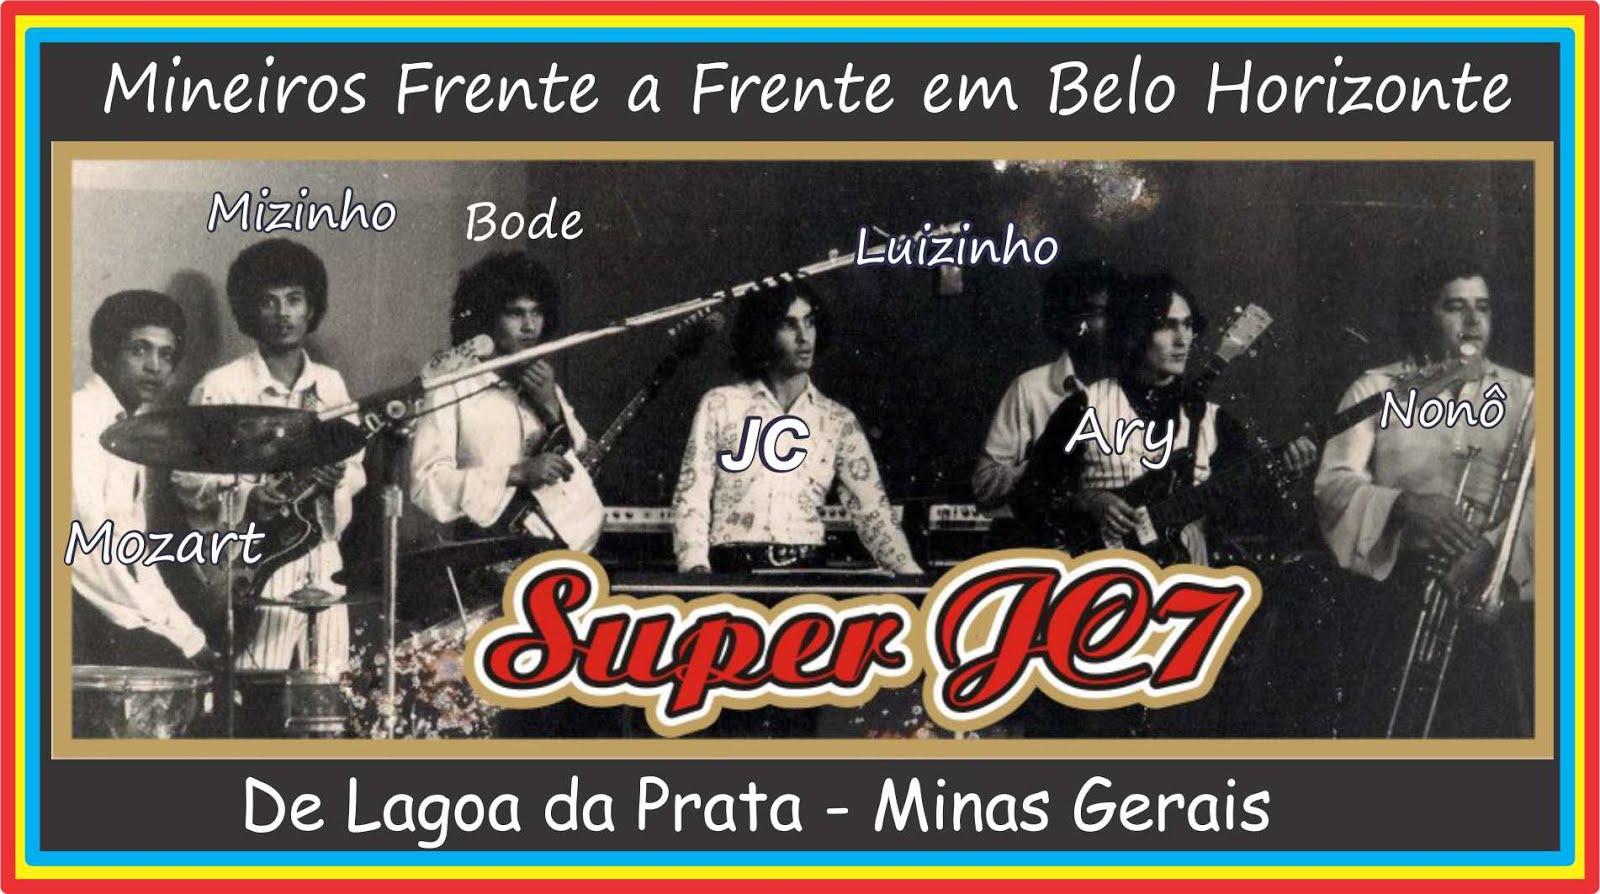 Super JC7 - Mineiros Frente a Frente em Belo Horizonte